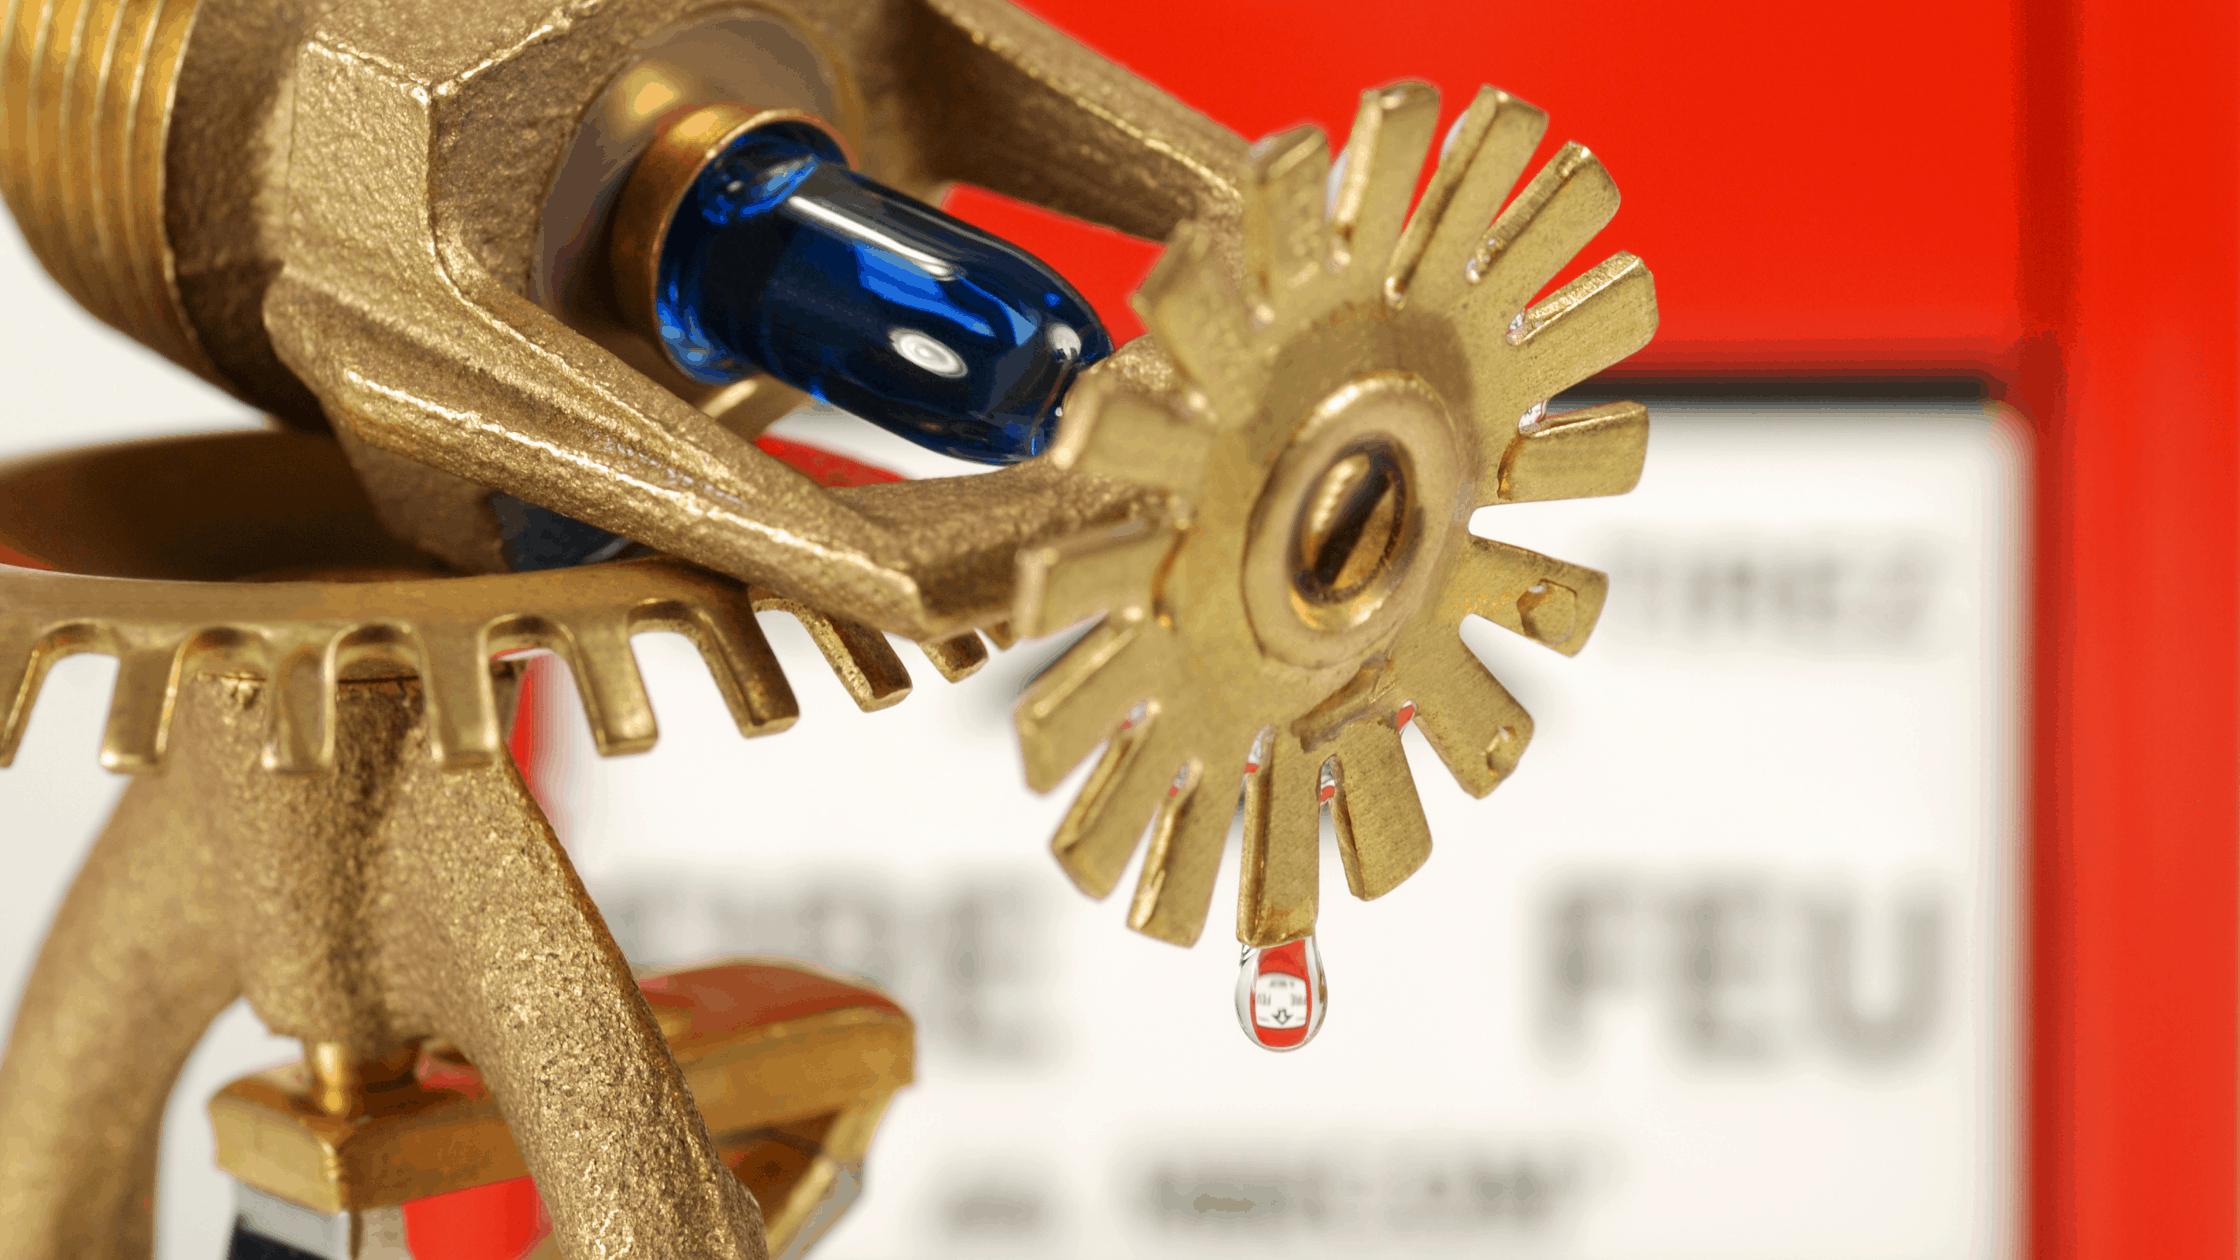 Fire Sprinkler FAQs